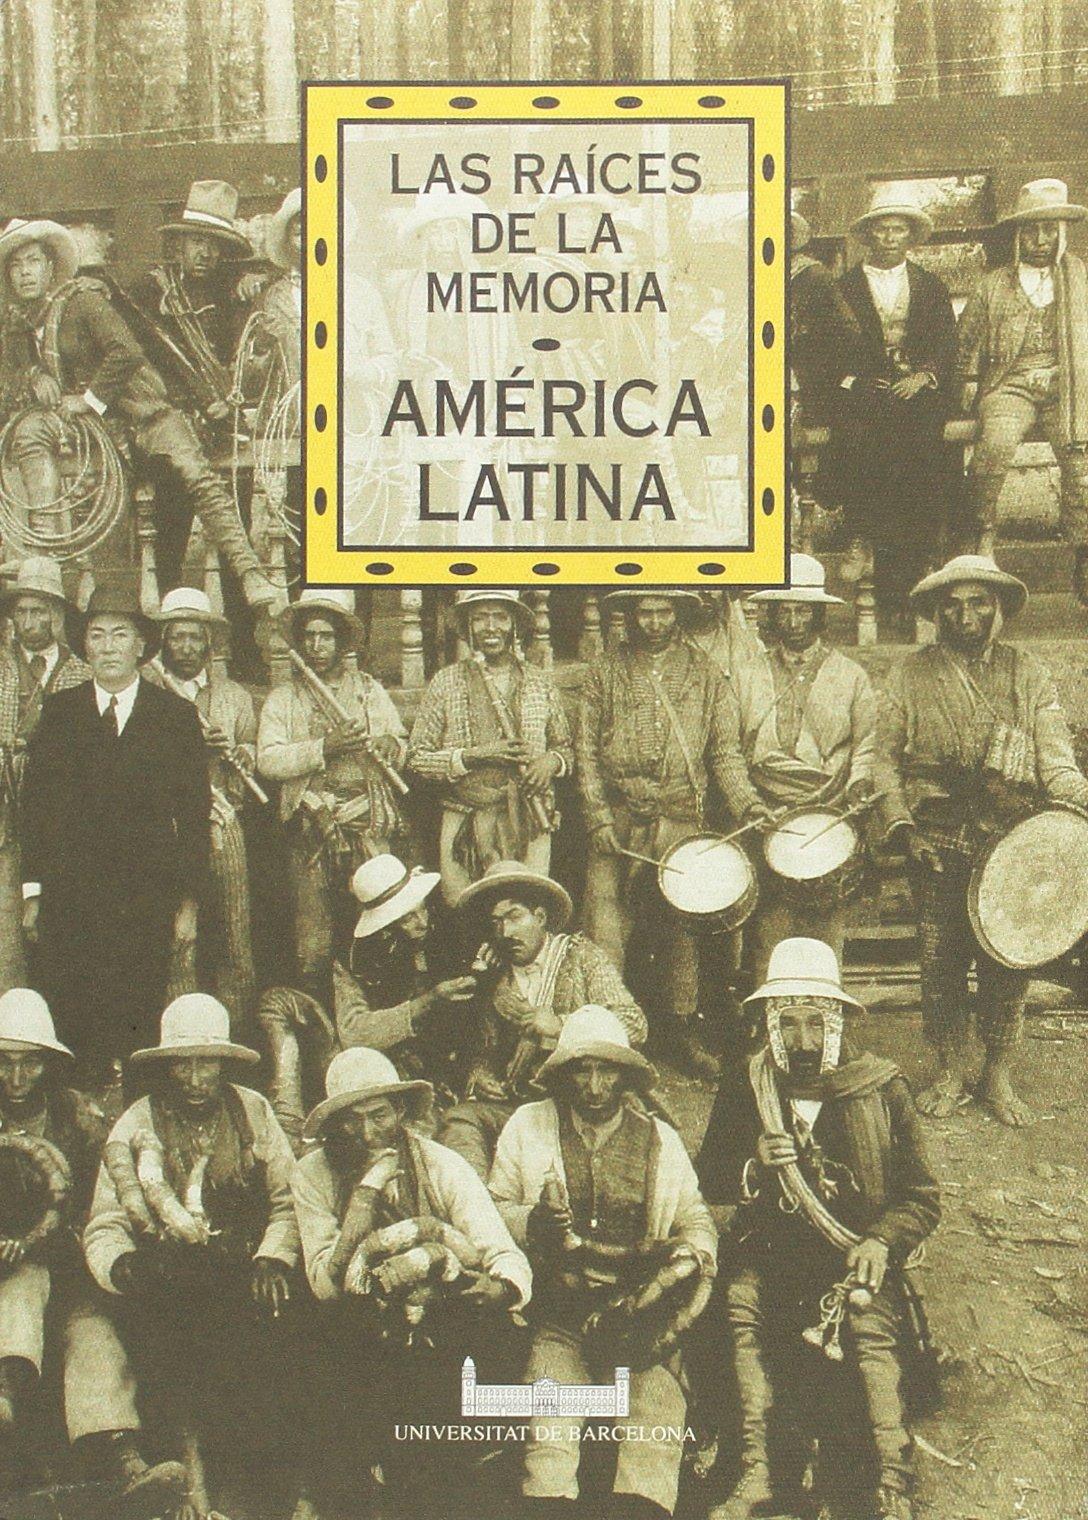 Las raíces de la memoria. América latina TROBADA-DEBAT AMÈRICA LLATINA: Amazon.es: García Jordán, Pilar: Libros